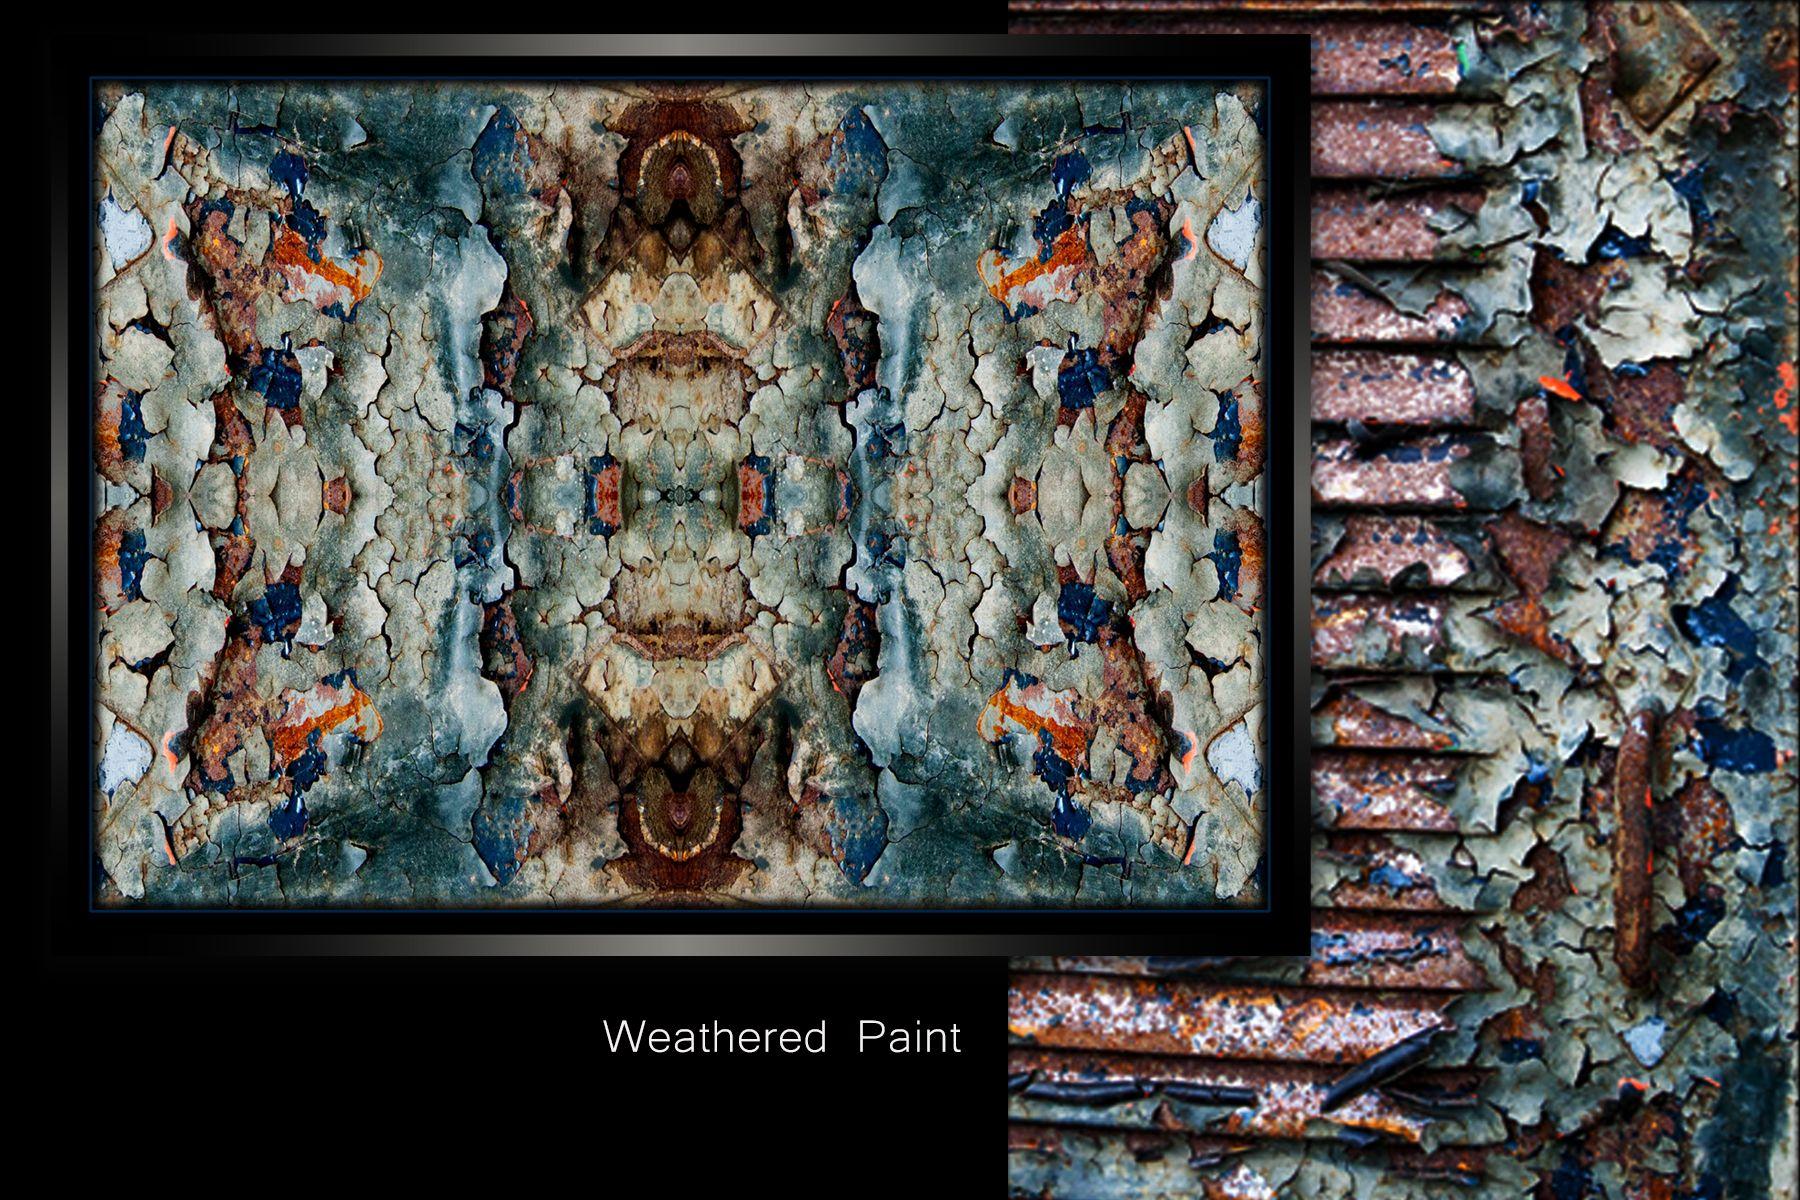 WebWeatheredPaint.jpg